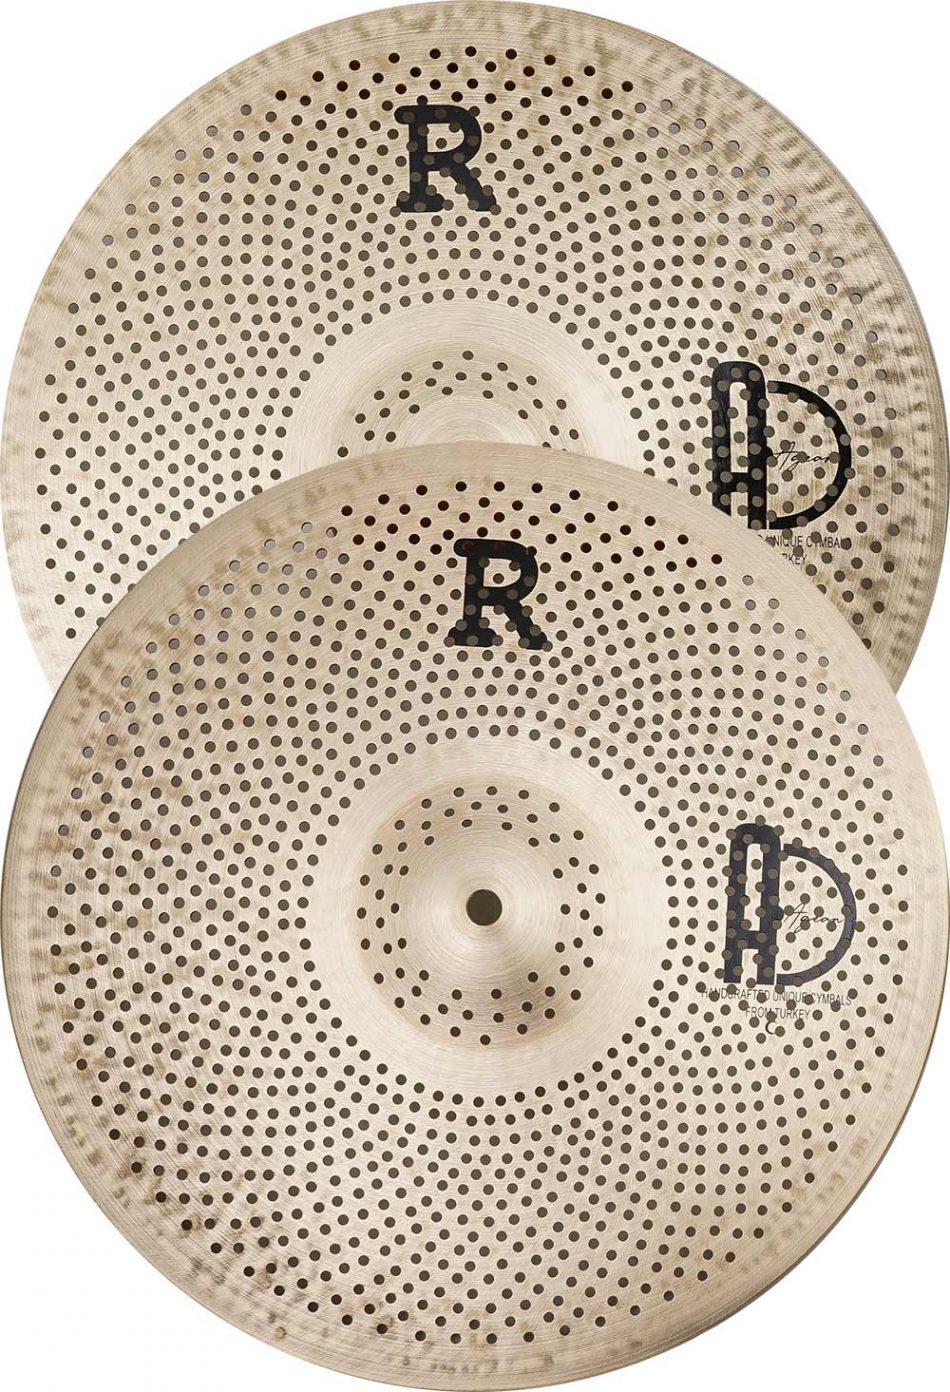 buy zildjian cymbals online R Hi Hat 5 950x1392 - Hi-Hat Cymbals R Low Noise